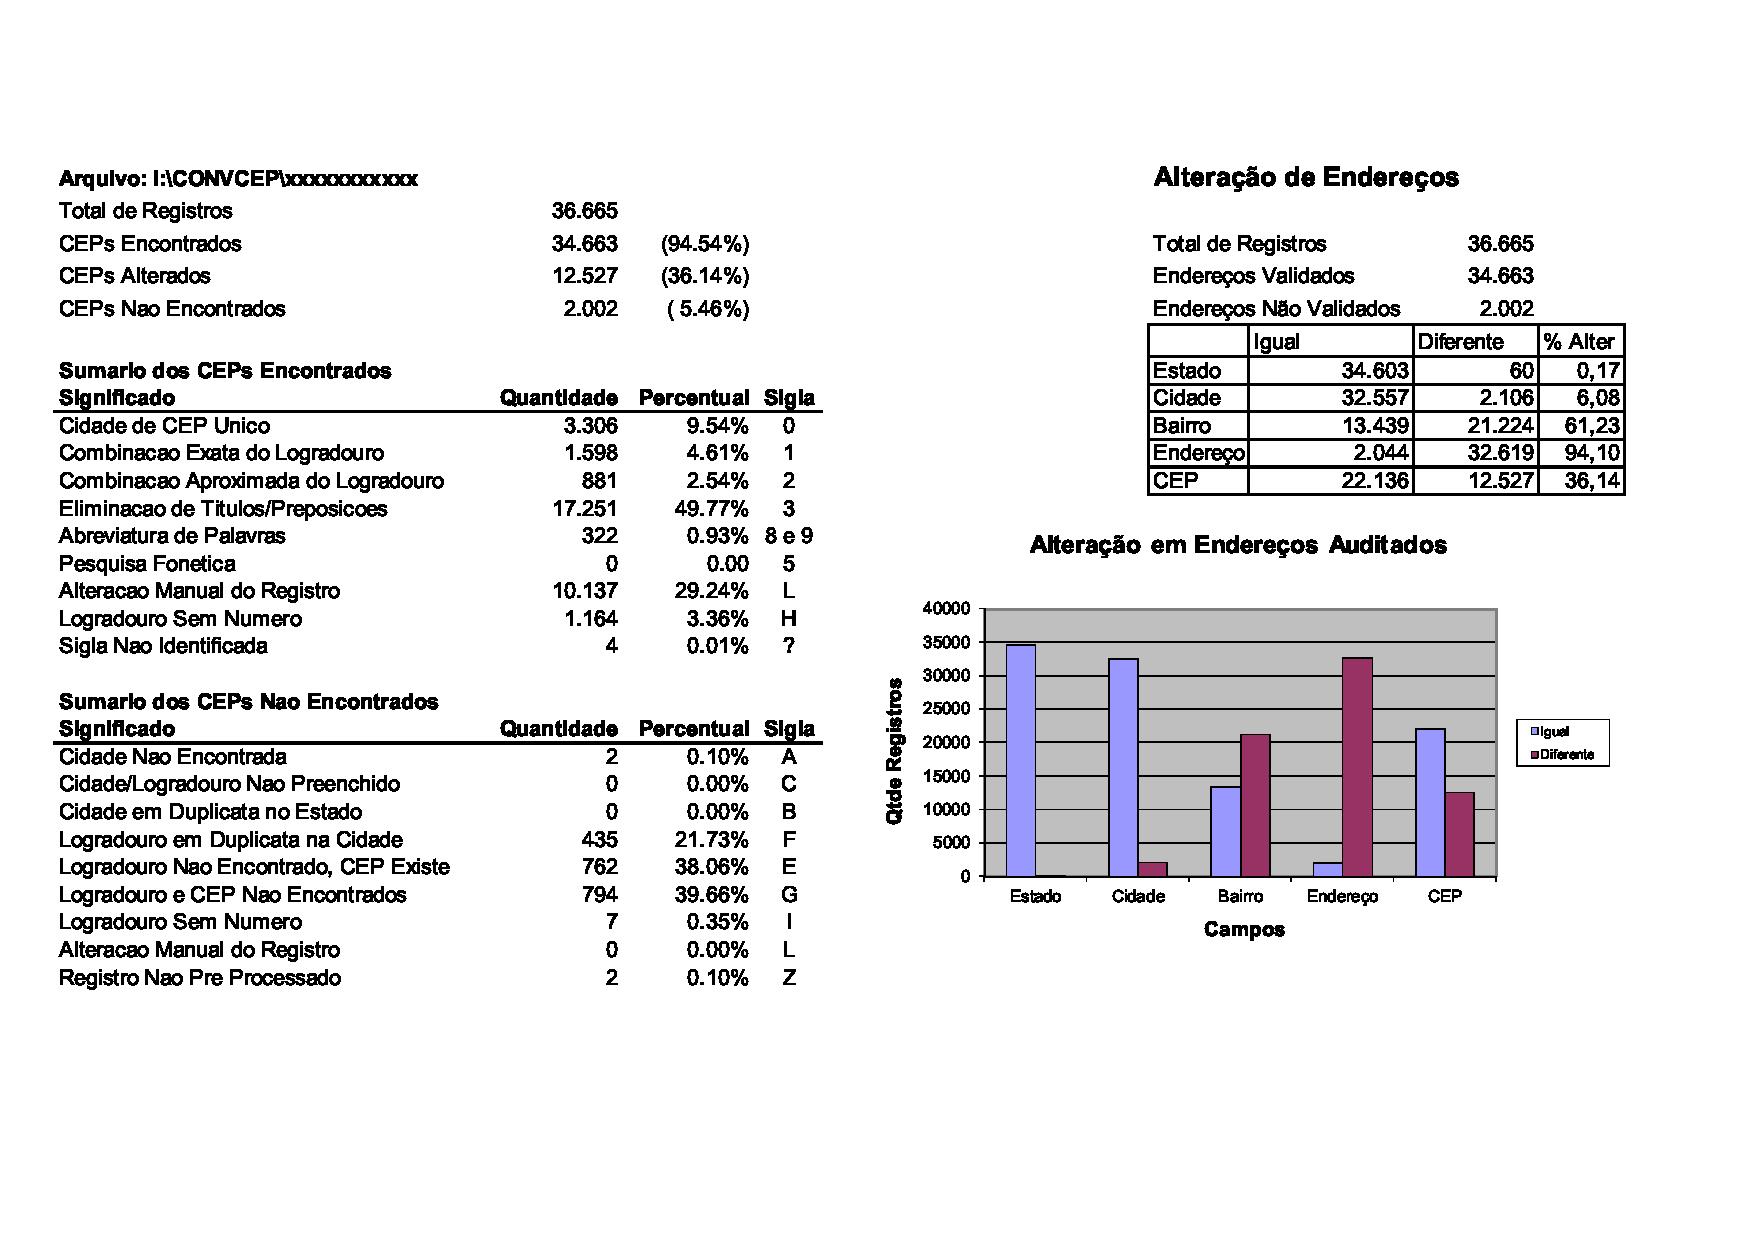 Estatistica Auditoria